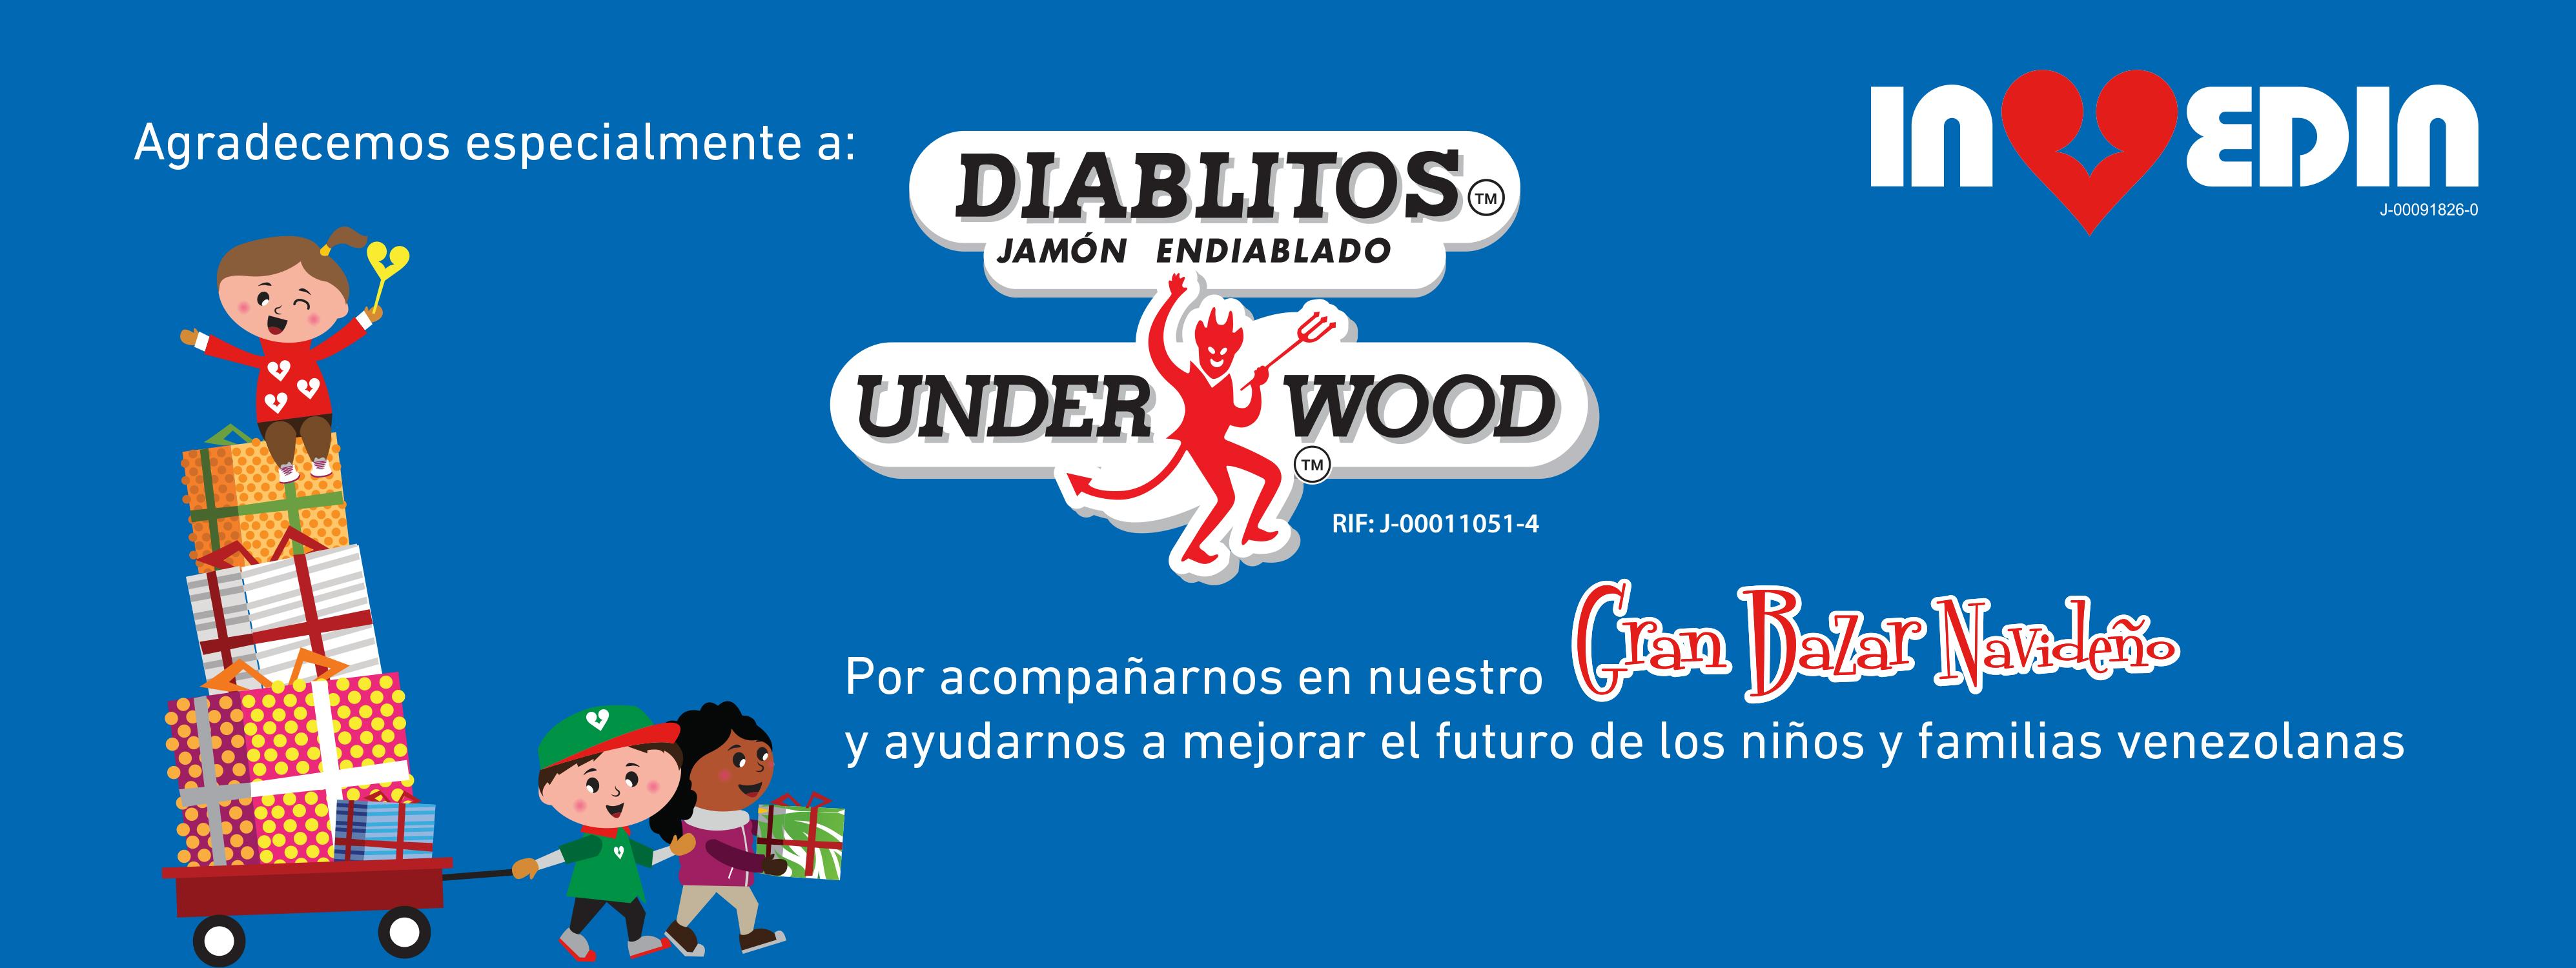 Invedin y Diablitos™ Underwood™ se unen por una buena causa